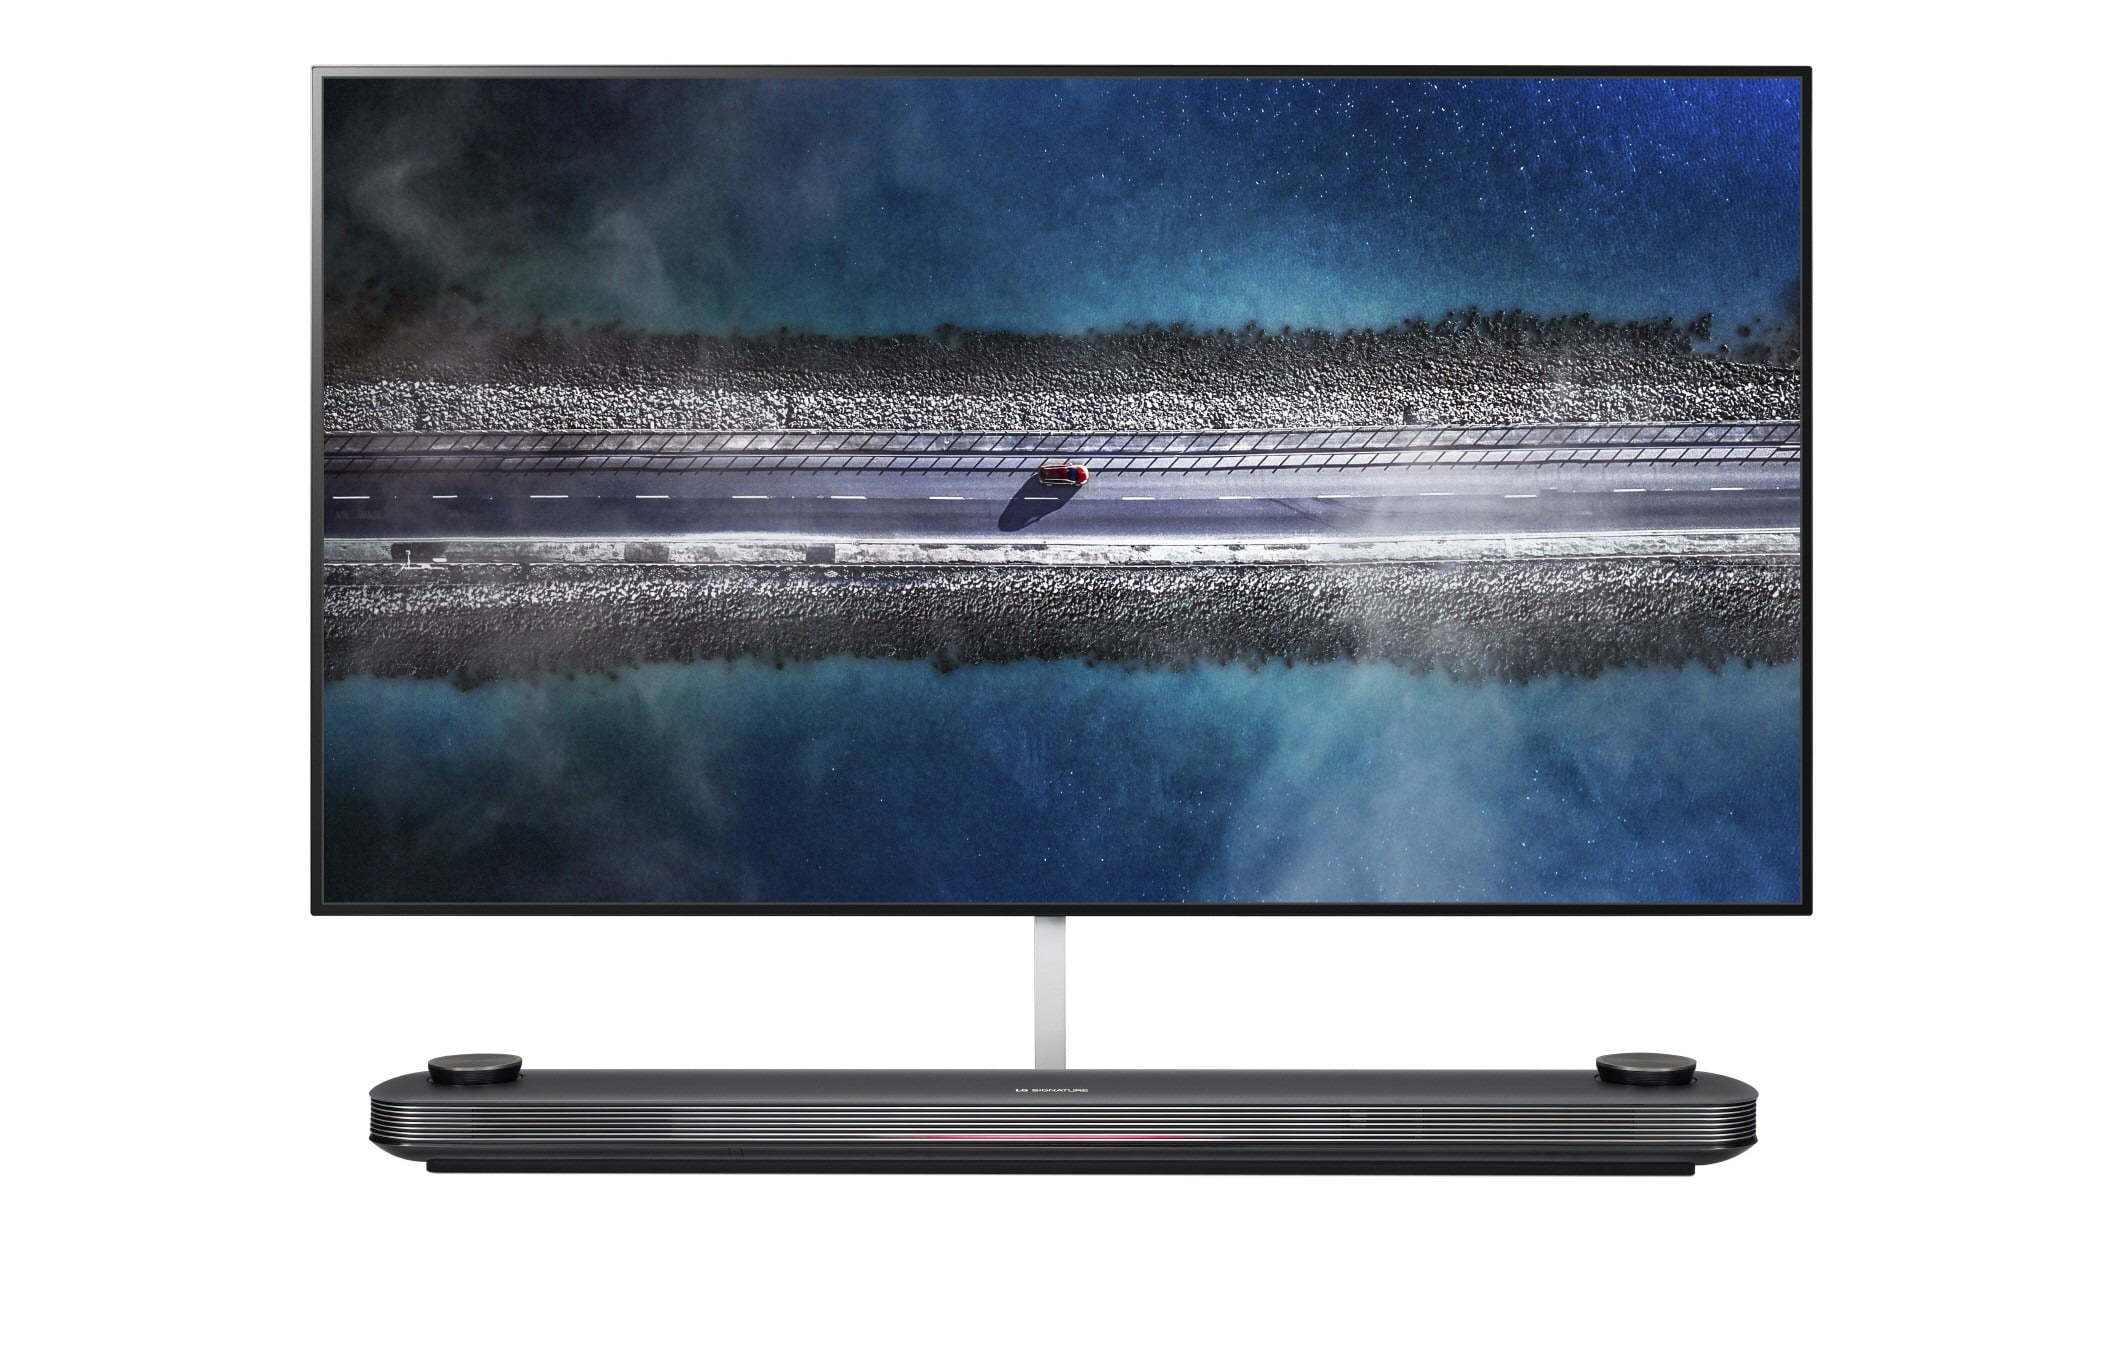 LG W9 OLED TV 02